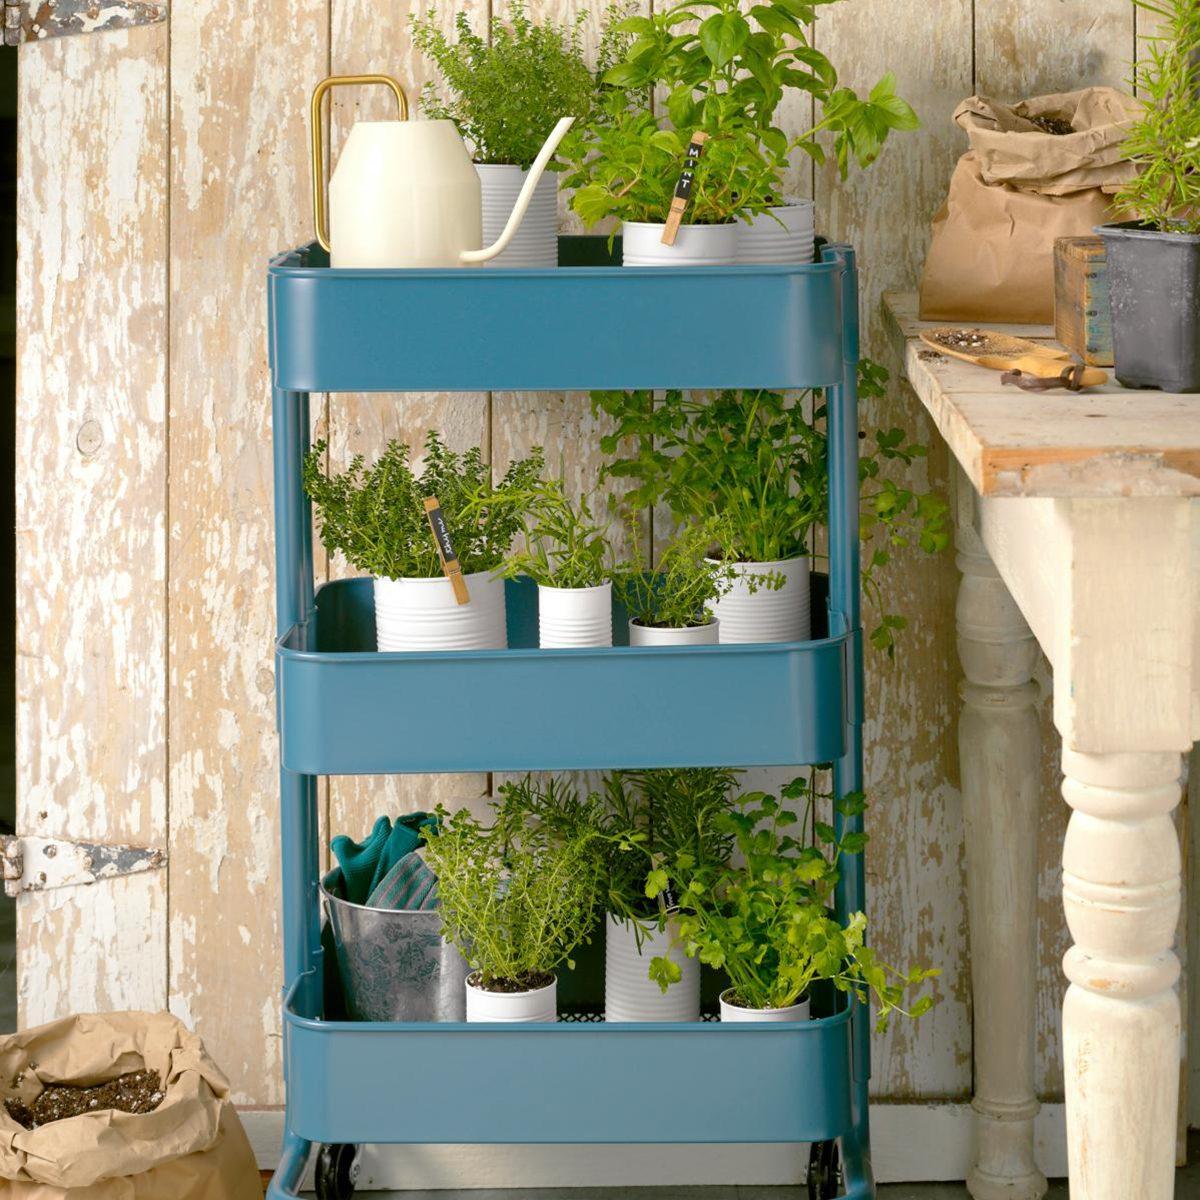 herbs on blue wheel shelf in shed